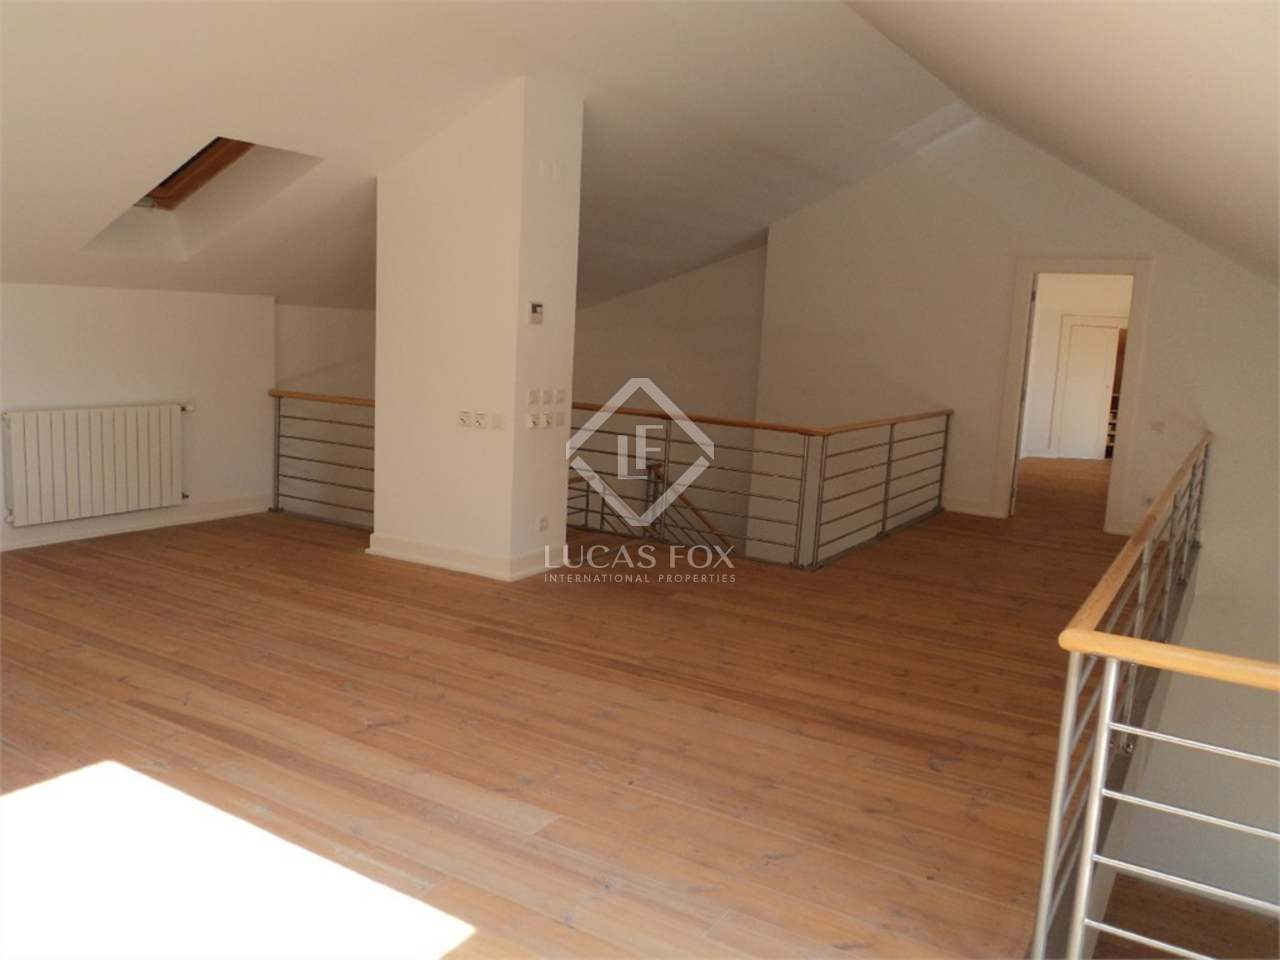 343m wohnung zum verkauf in lissabon stadt portugal. Black Bedroom Furniture Sets. Home Design Ideas